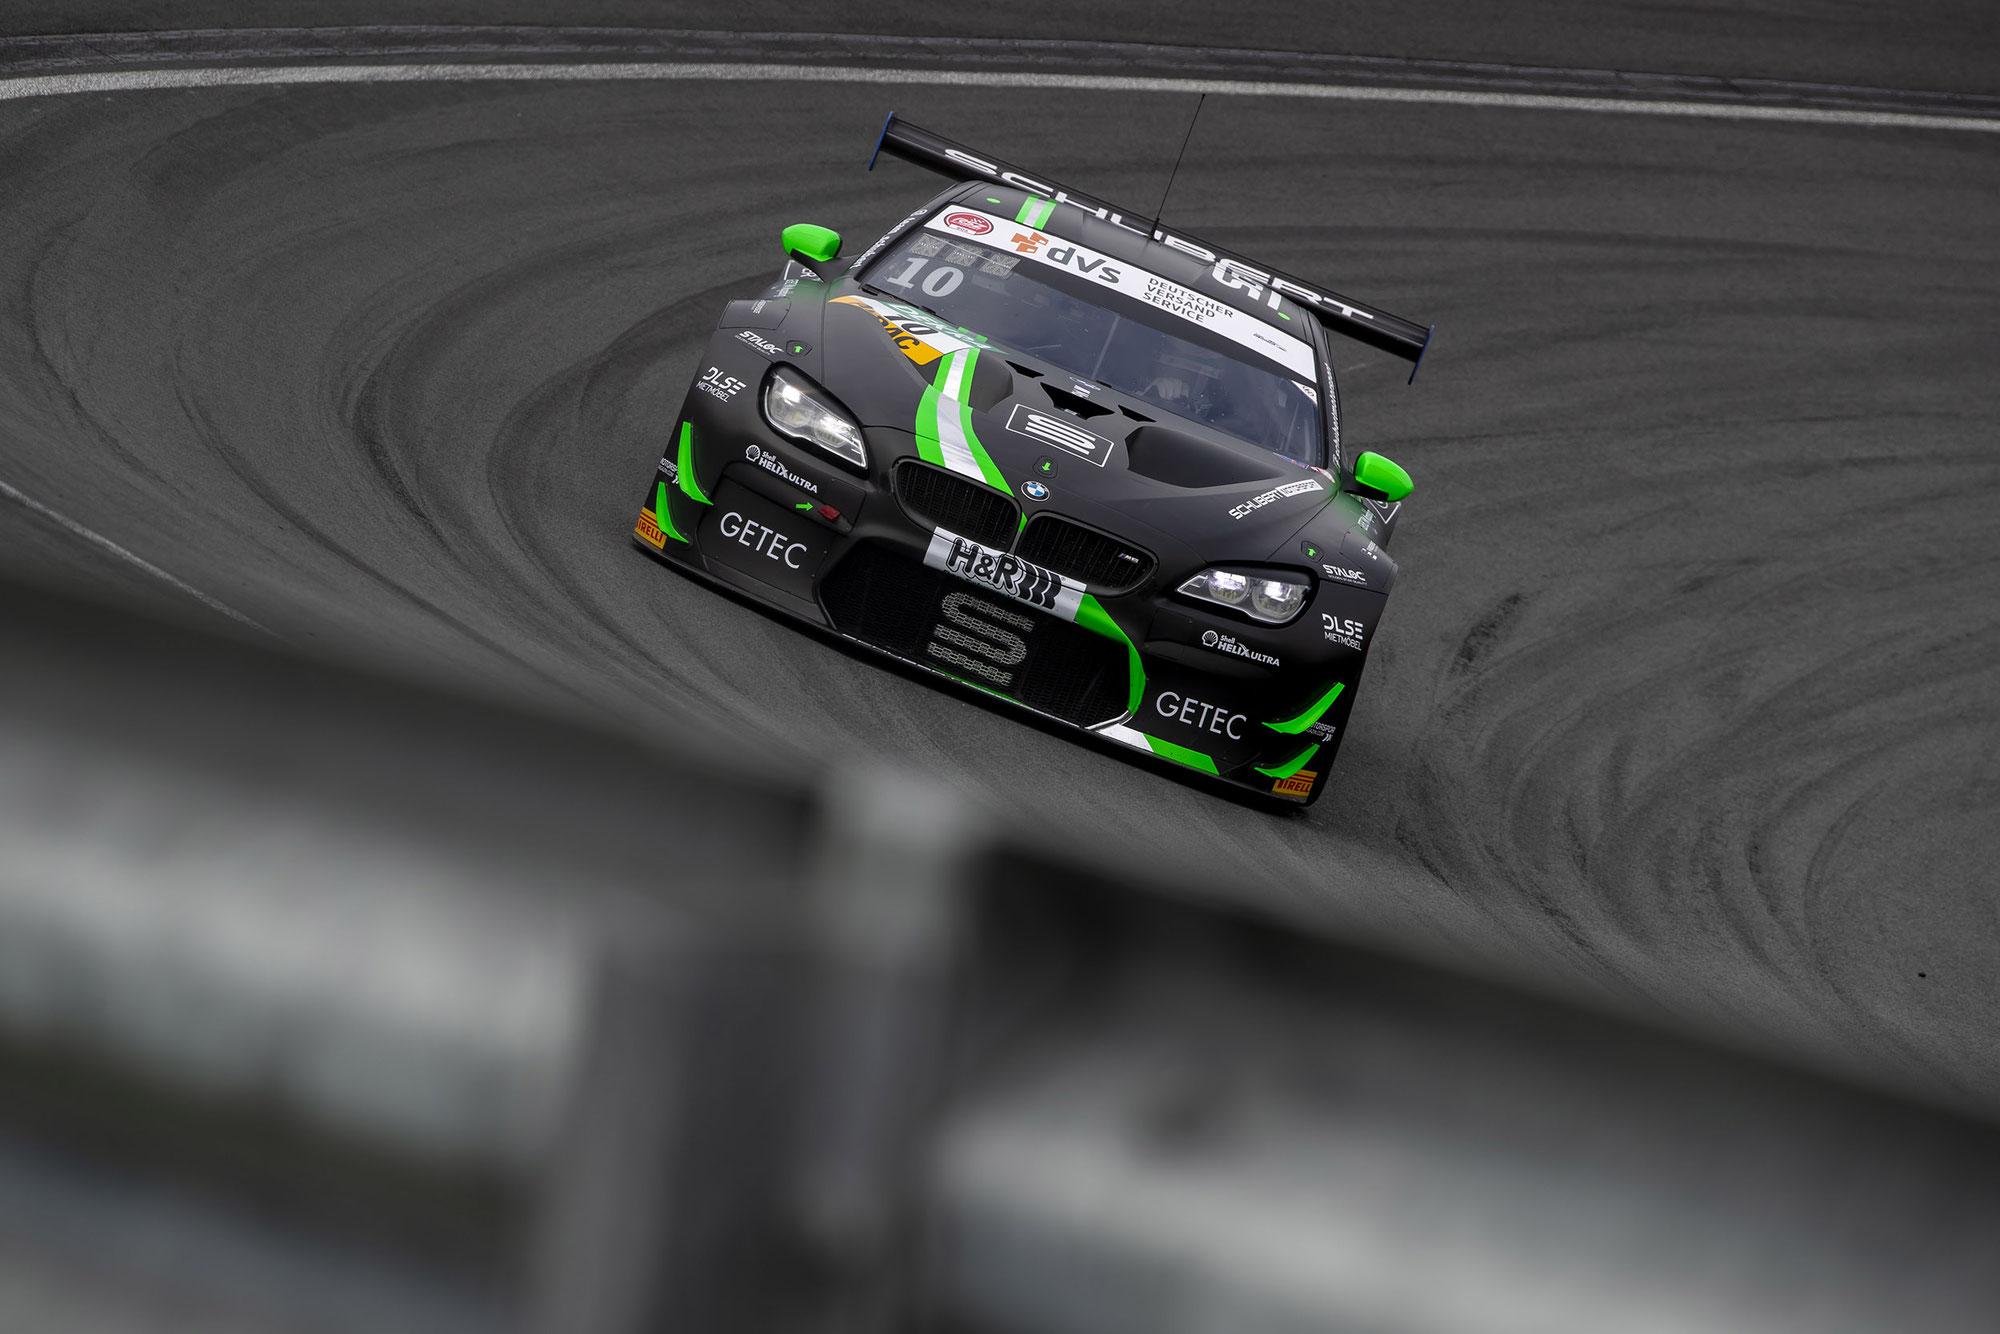 Schubert Motorsport bereit für neue Herausforderung: Rückkehr nach Zandvoort mit dem BMW M6 GT3